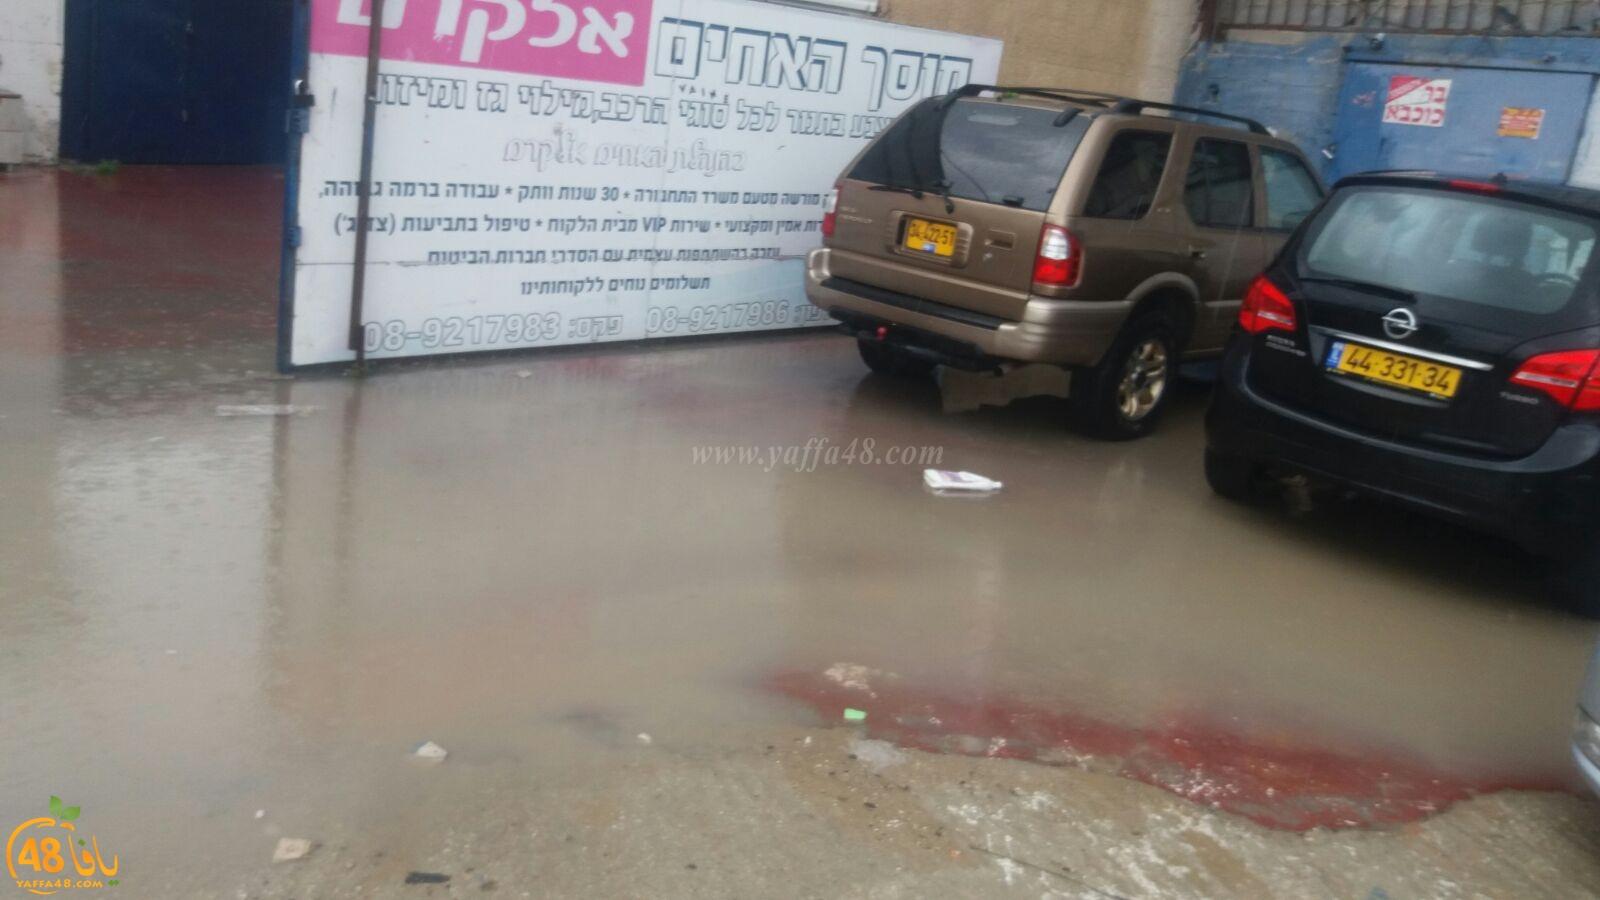 فيديو: أمطار غزيرة تهطل على مدينة اللد والسكان يشتكون ضعف البنية التحتية